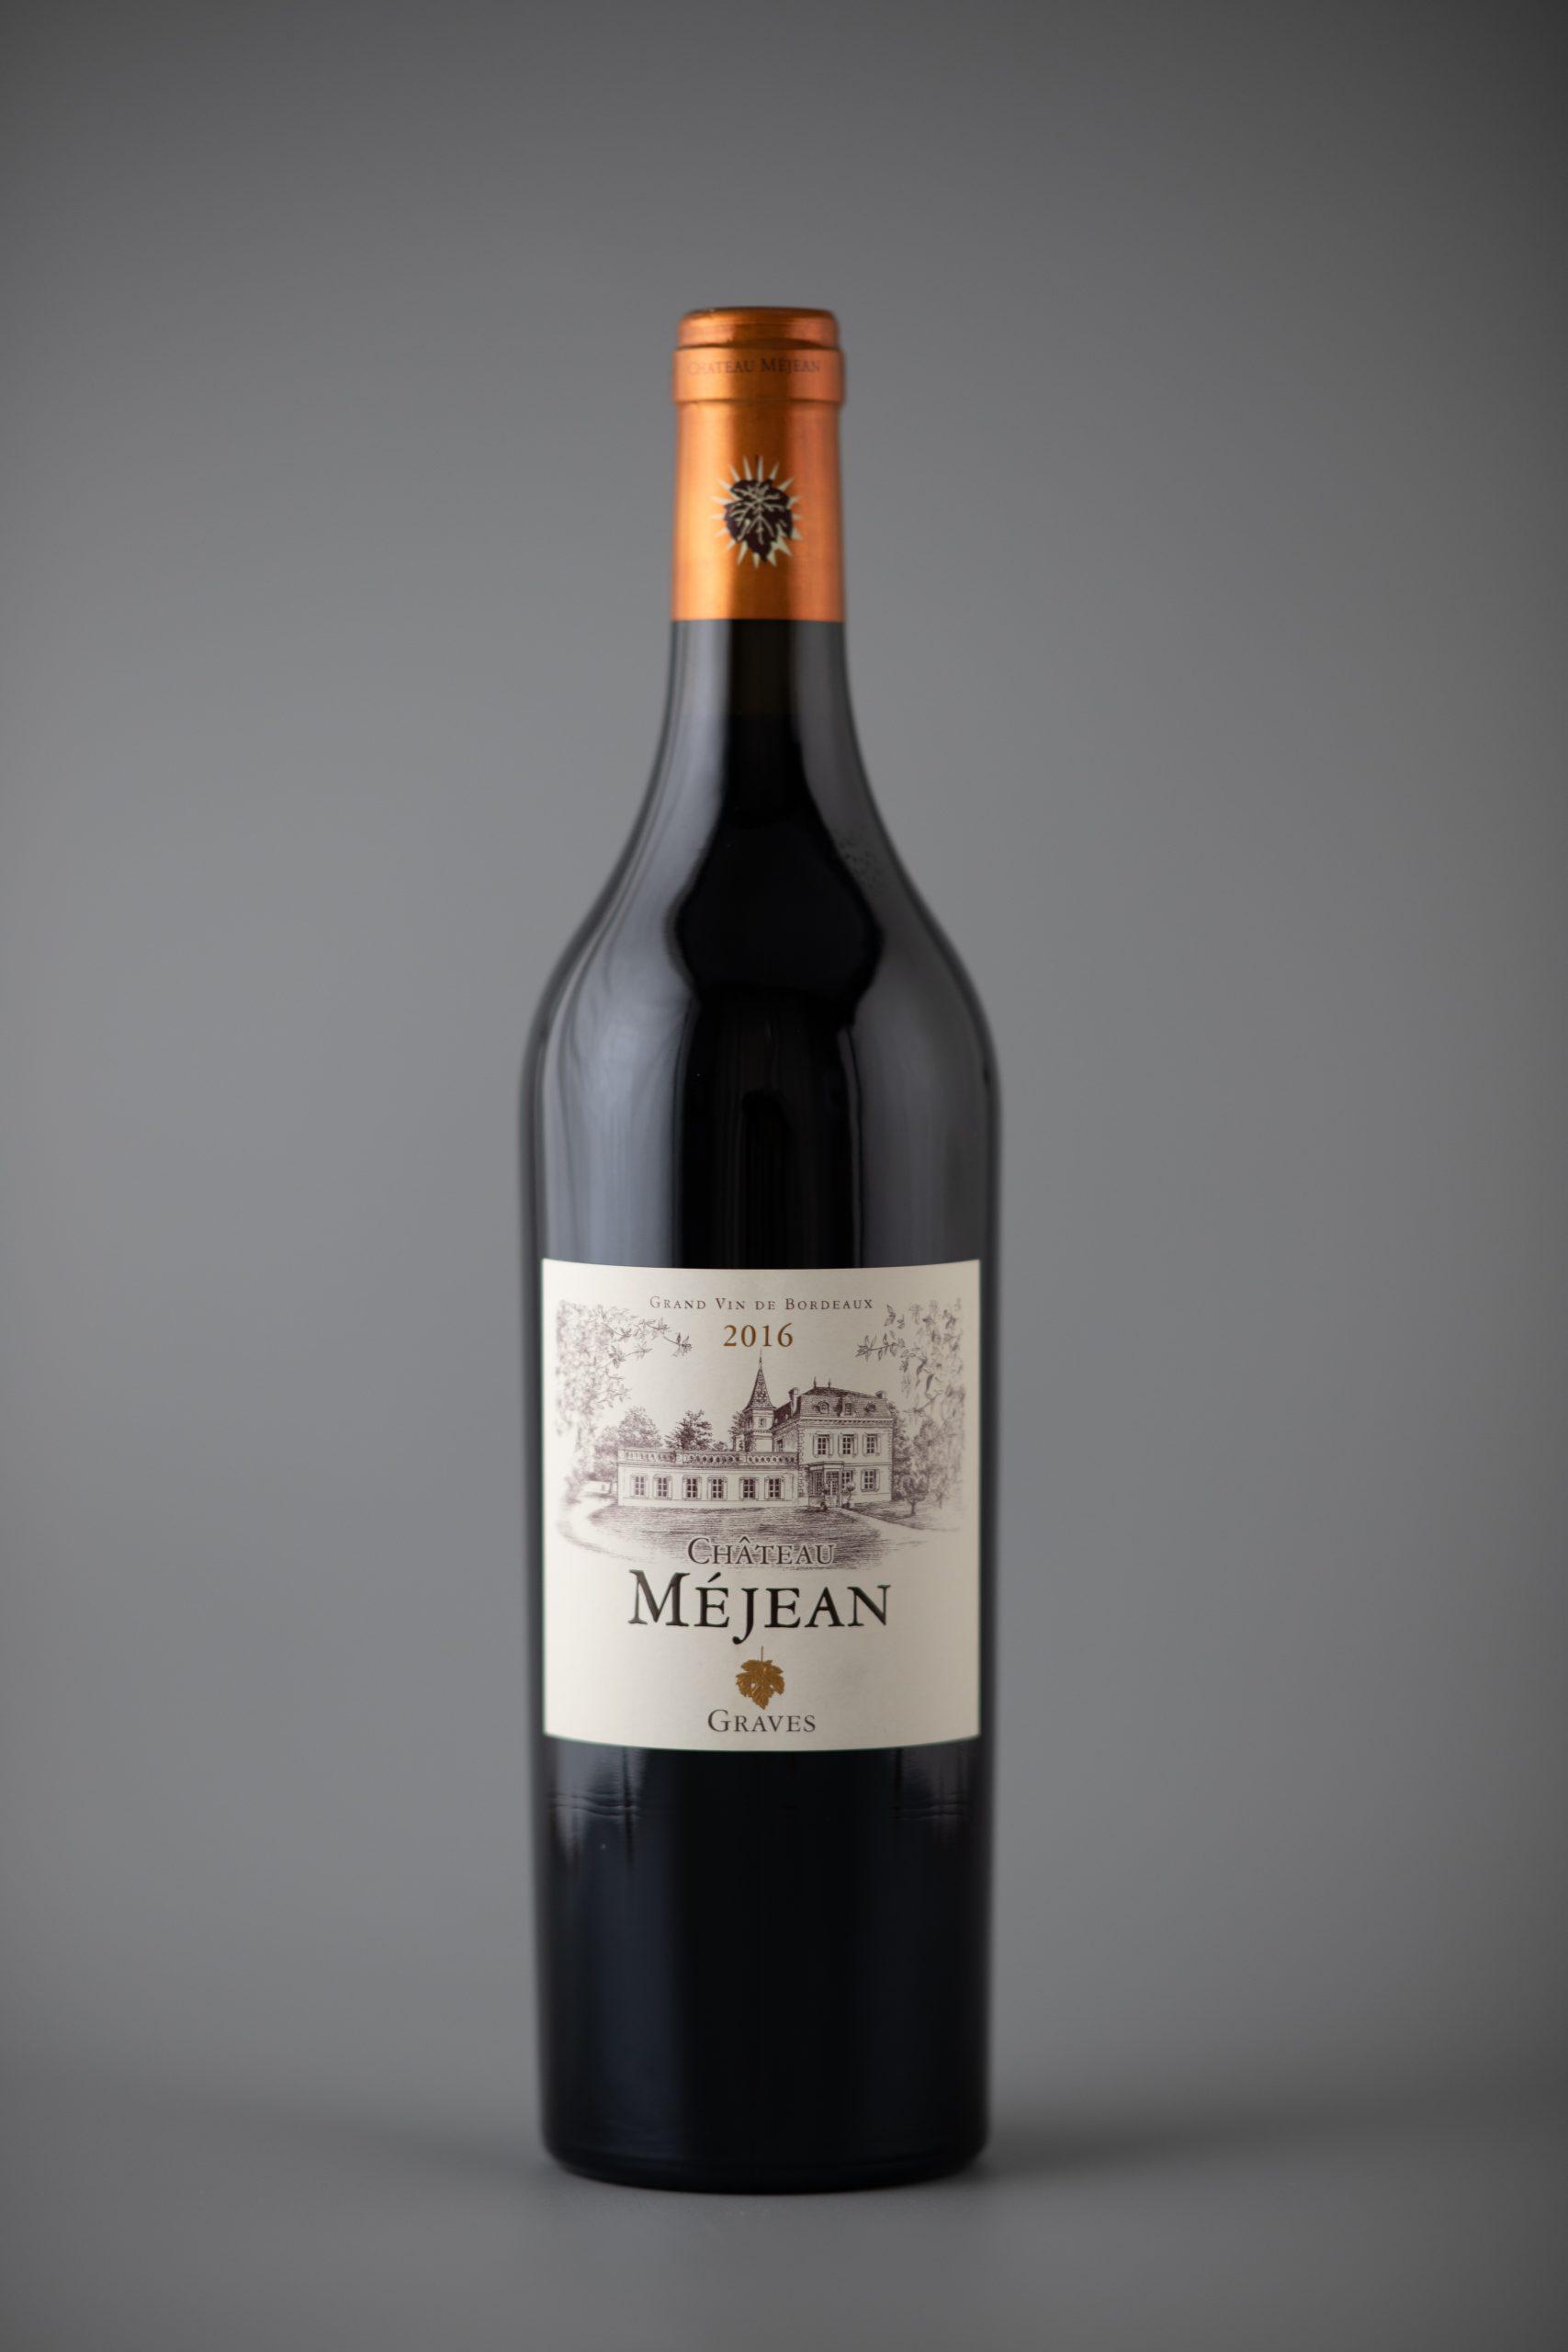 Photographie d'une bouteille de vin rouge sur un fond gris mat